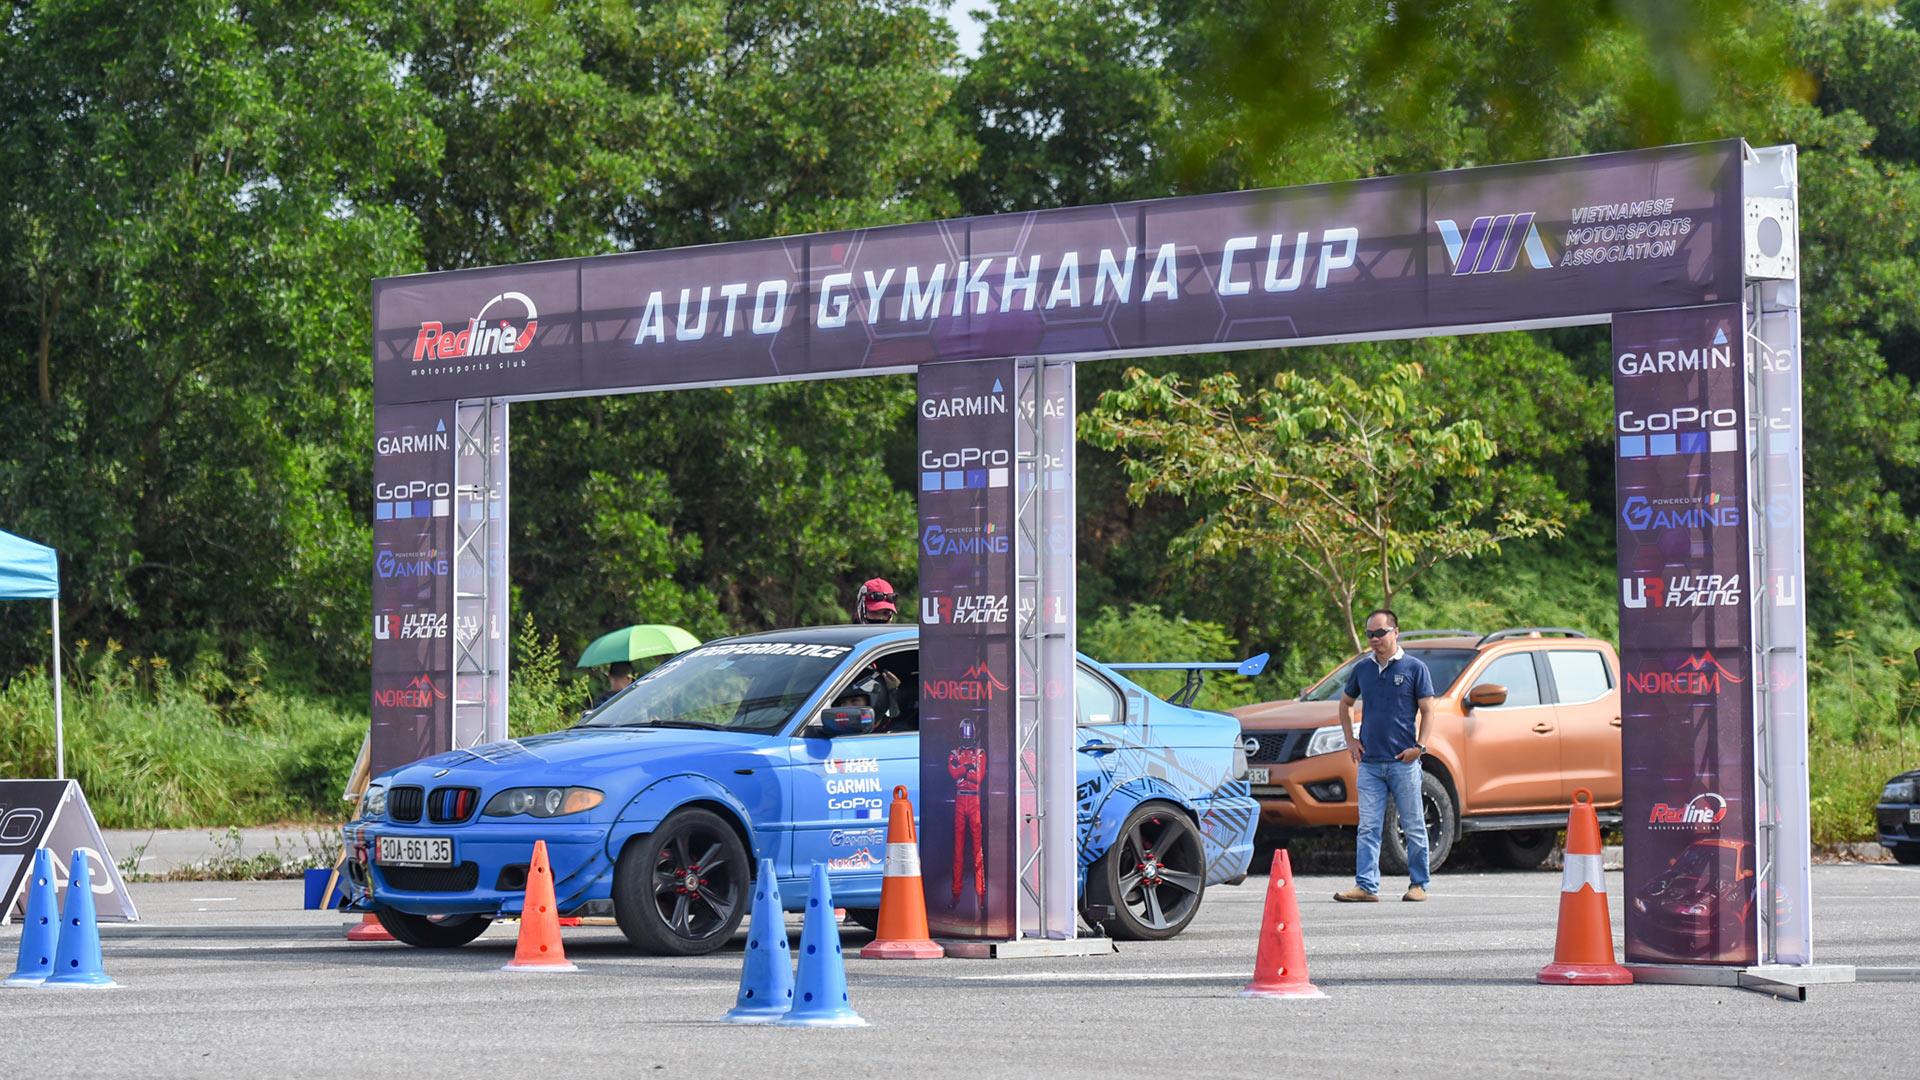 Redline Auto Gymkhana Cup Round 2: Nơi hội tụ đam mê đua xe